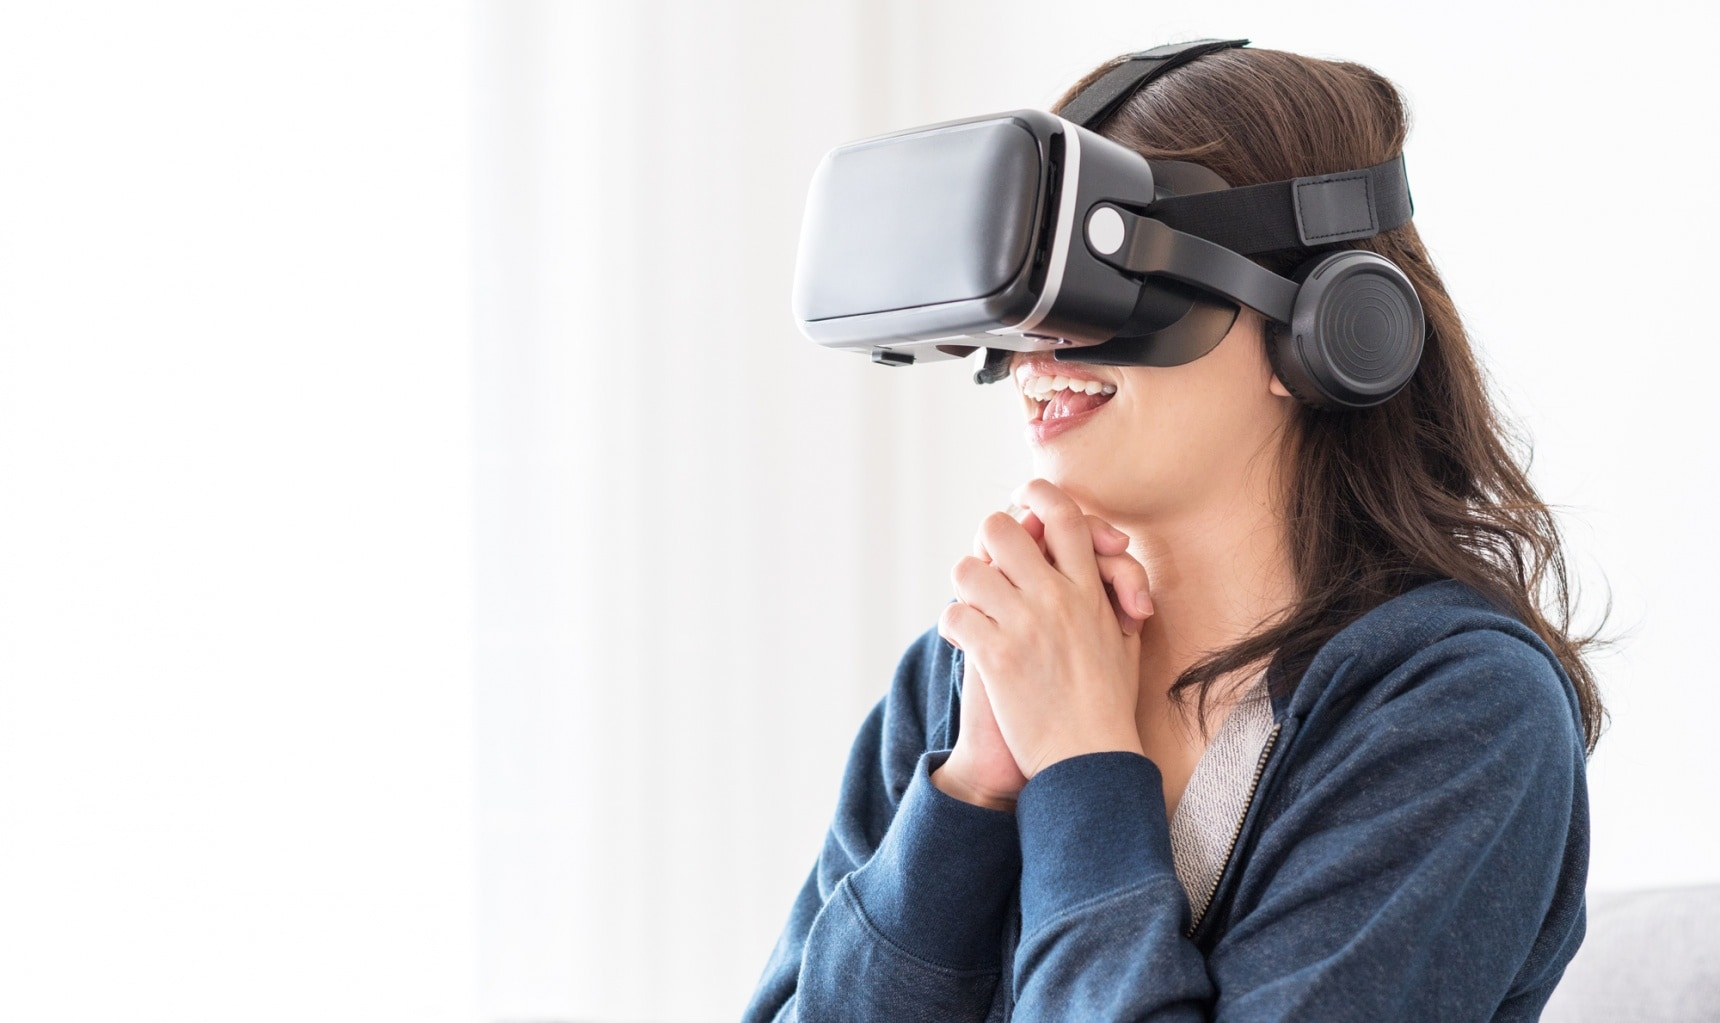 อยู่ไทยก็เที่ยวได้ สัมผัสประสบการณ์ VR แสนสนุก